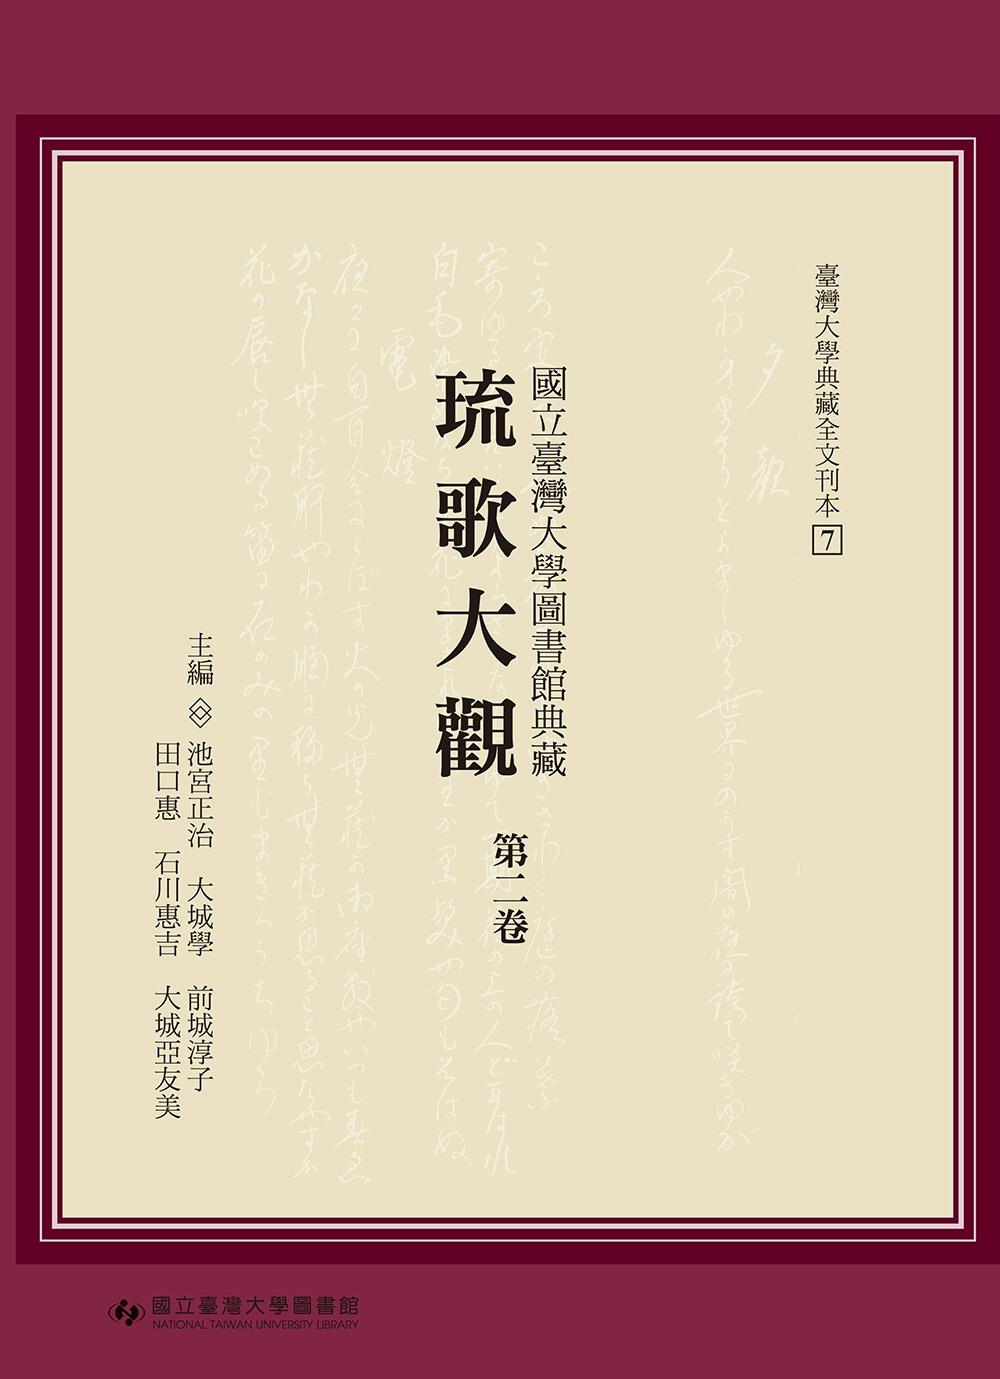 國立臺灣大學圖書館典藏琉歌大觀(第二卷)